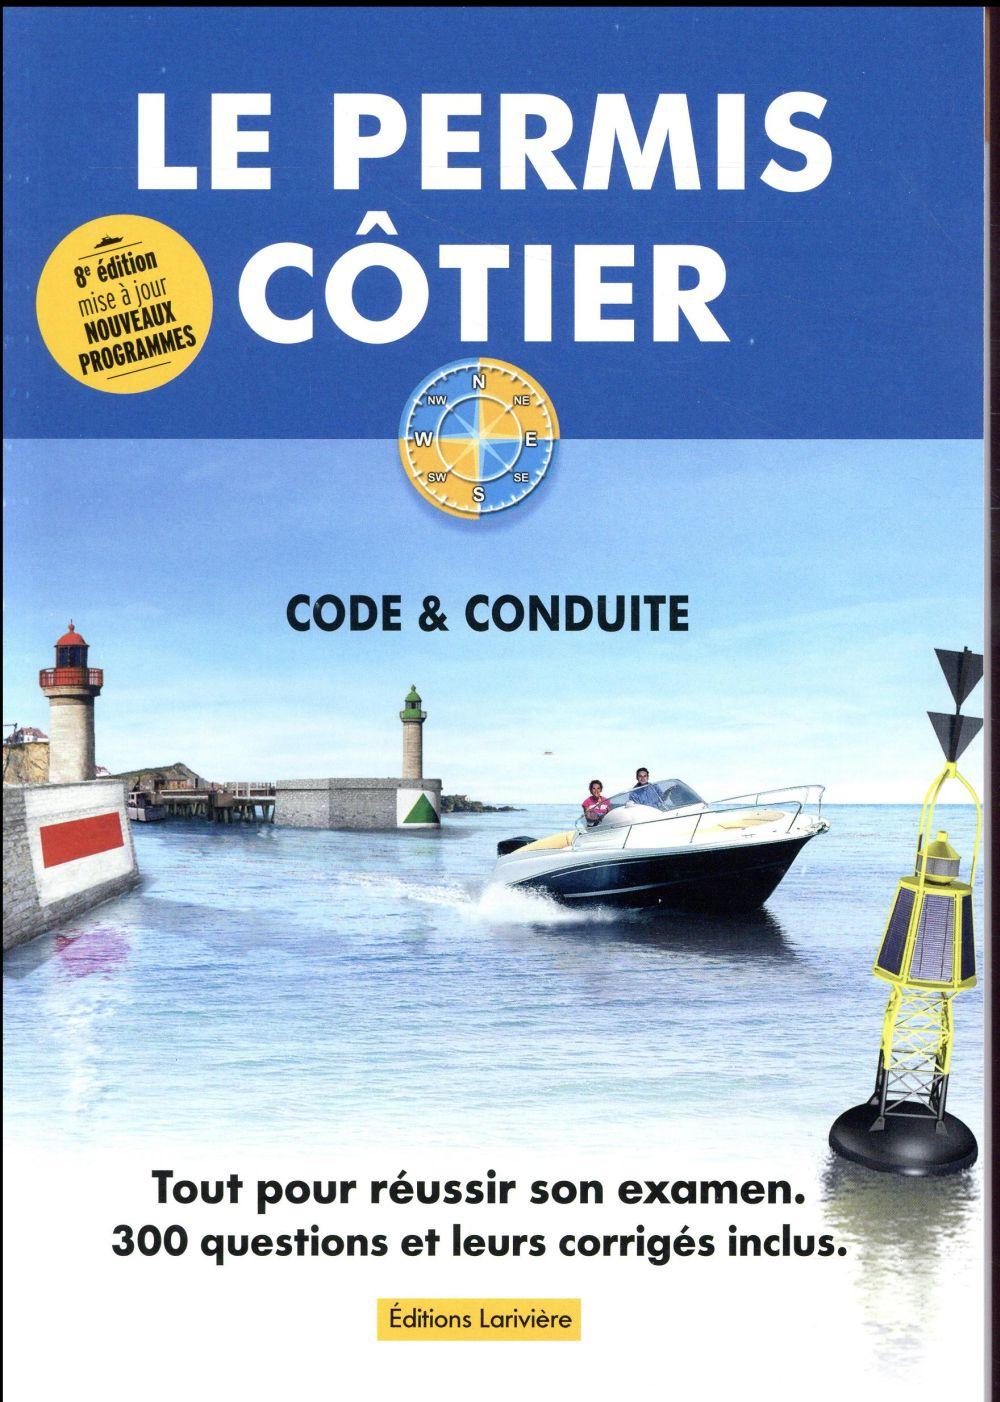 Le permis côtier ; code & conduite (8e édition)